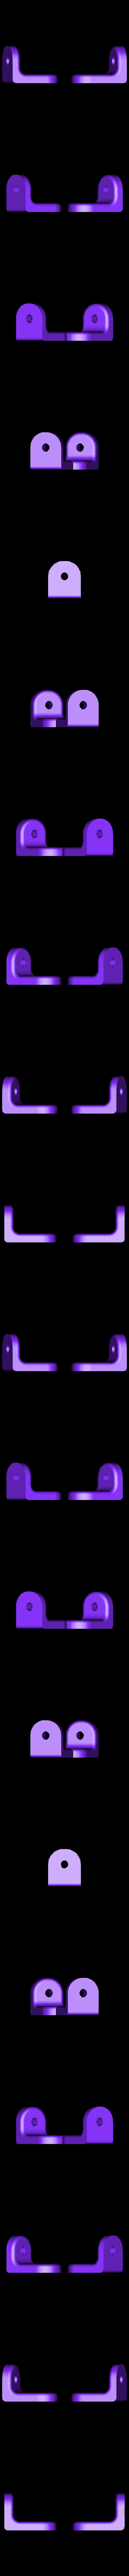 Hinge_Plate.stl Télécharger fichier STL gratuit Matériel de montage de boîtier pour réplicateur 2 • Objet pour impression 3D, Gaenarra